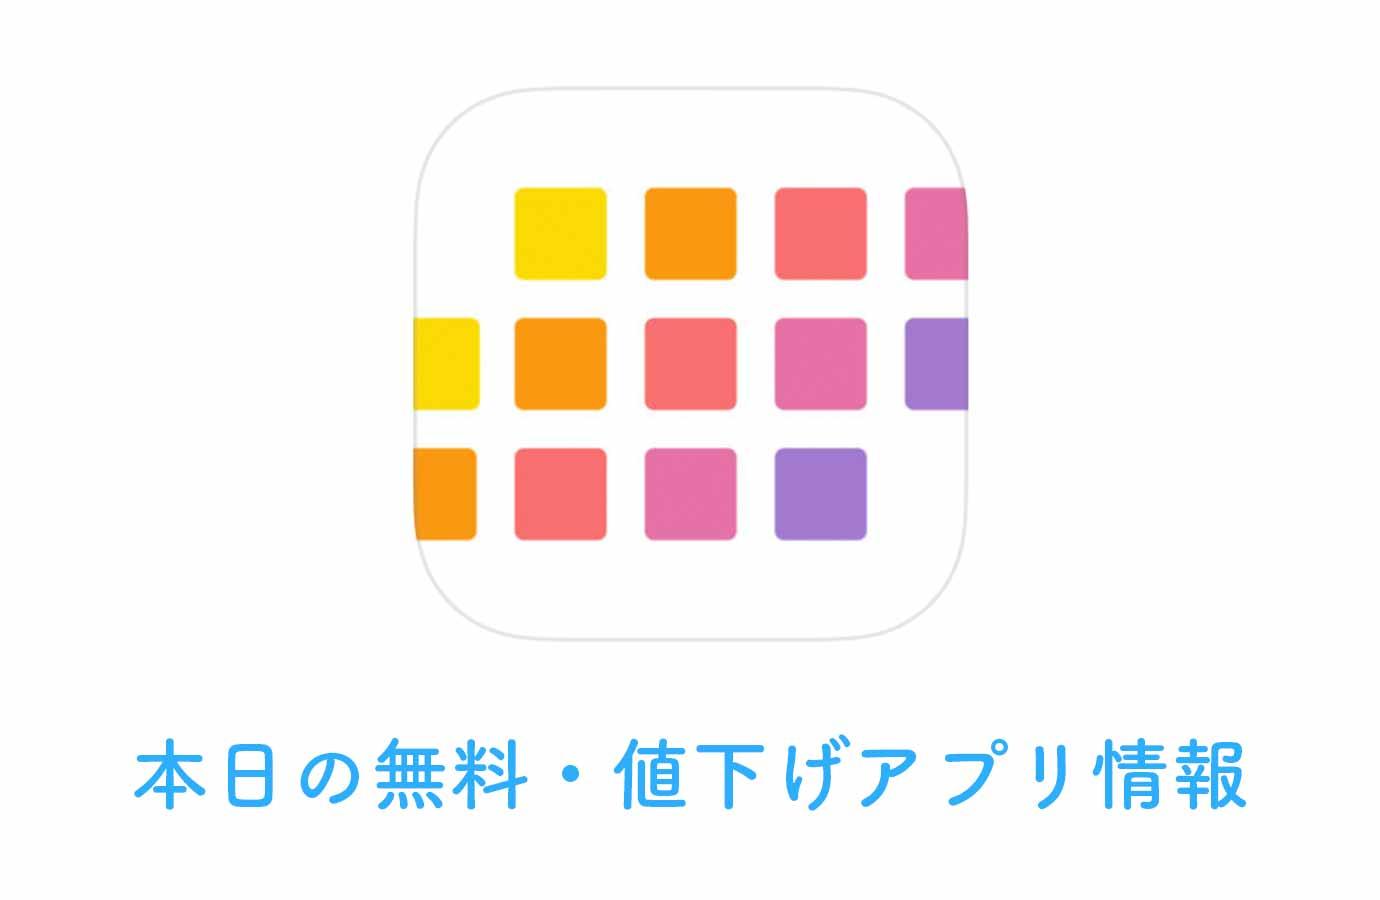 120円→無料、写真を自動でカレンダーや地図形式の日記帳に整理してくれる「iフォトアルバム365」など【5/25】本日の無料・値下げアプリ情報